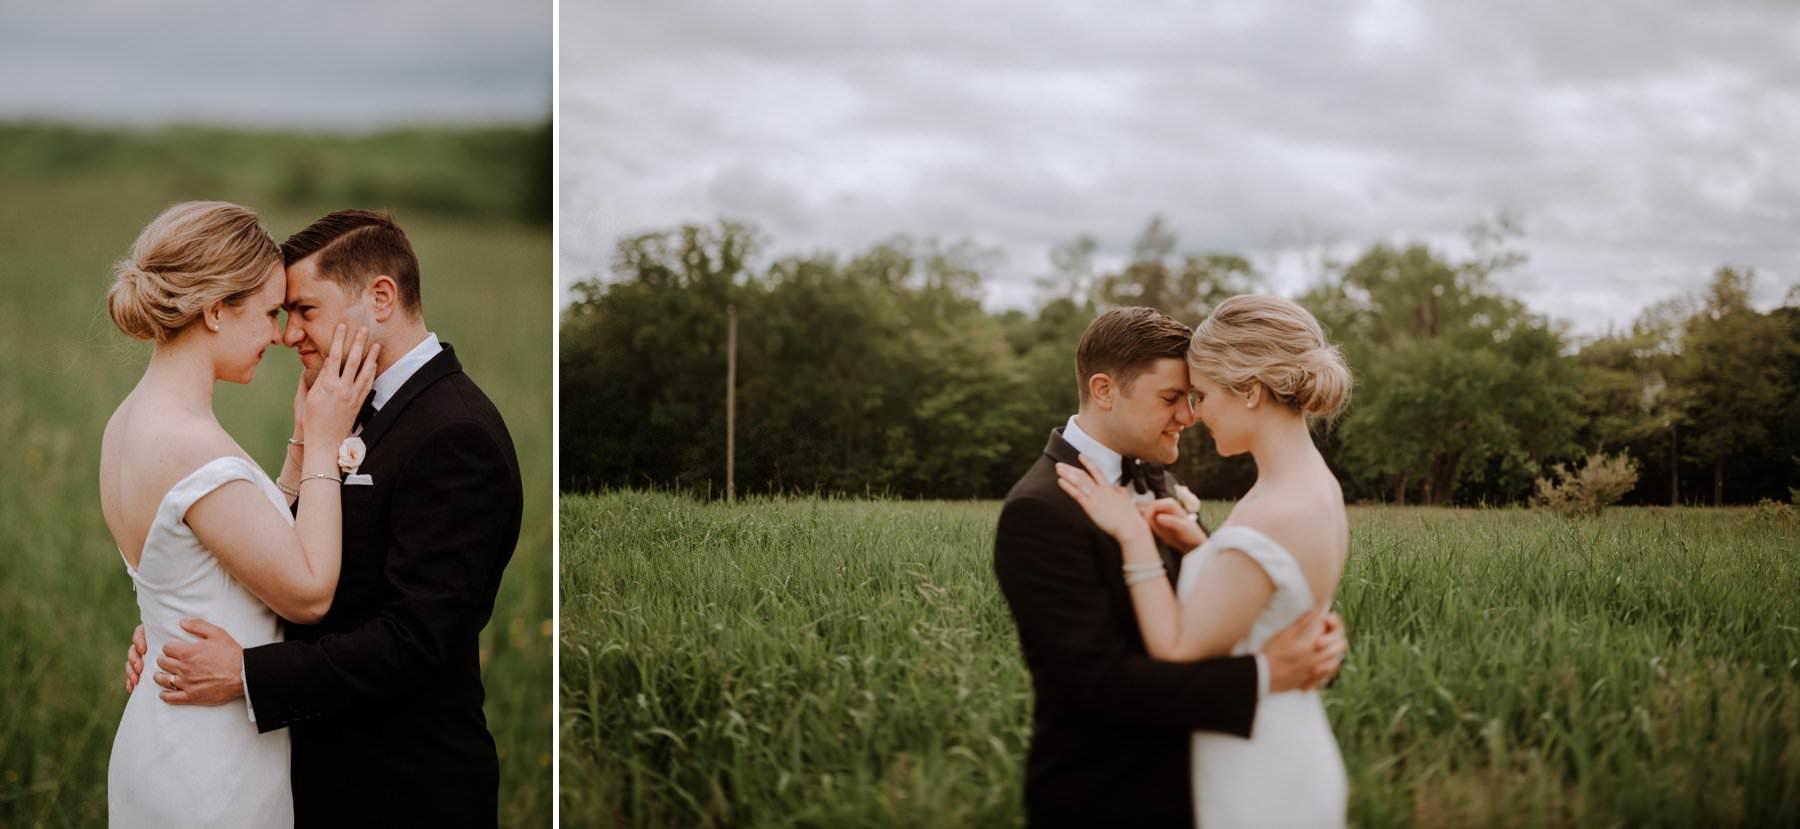 westmoreland_club_Wilkes_Berre_wedding-47.jpg